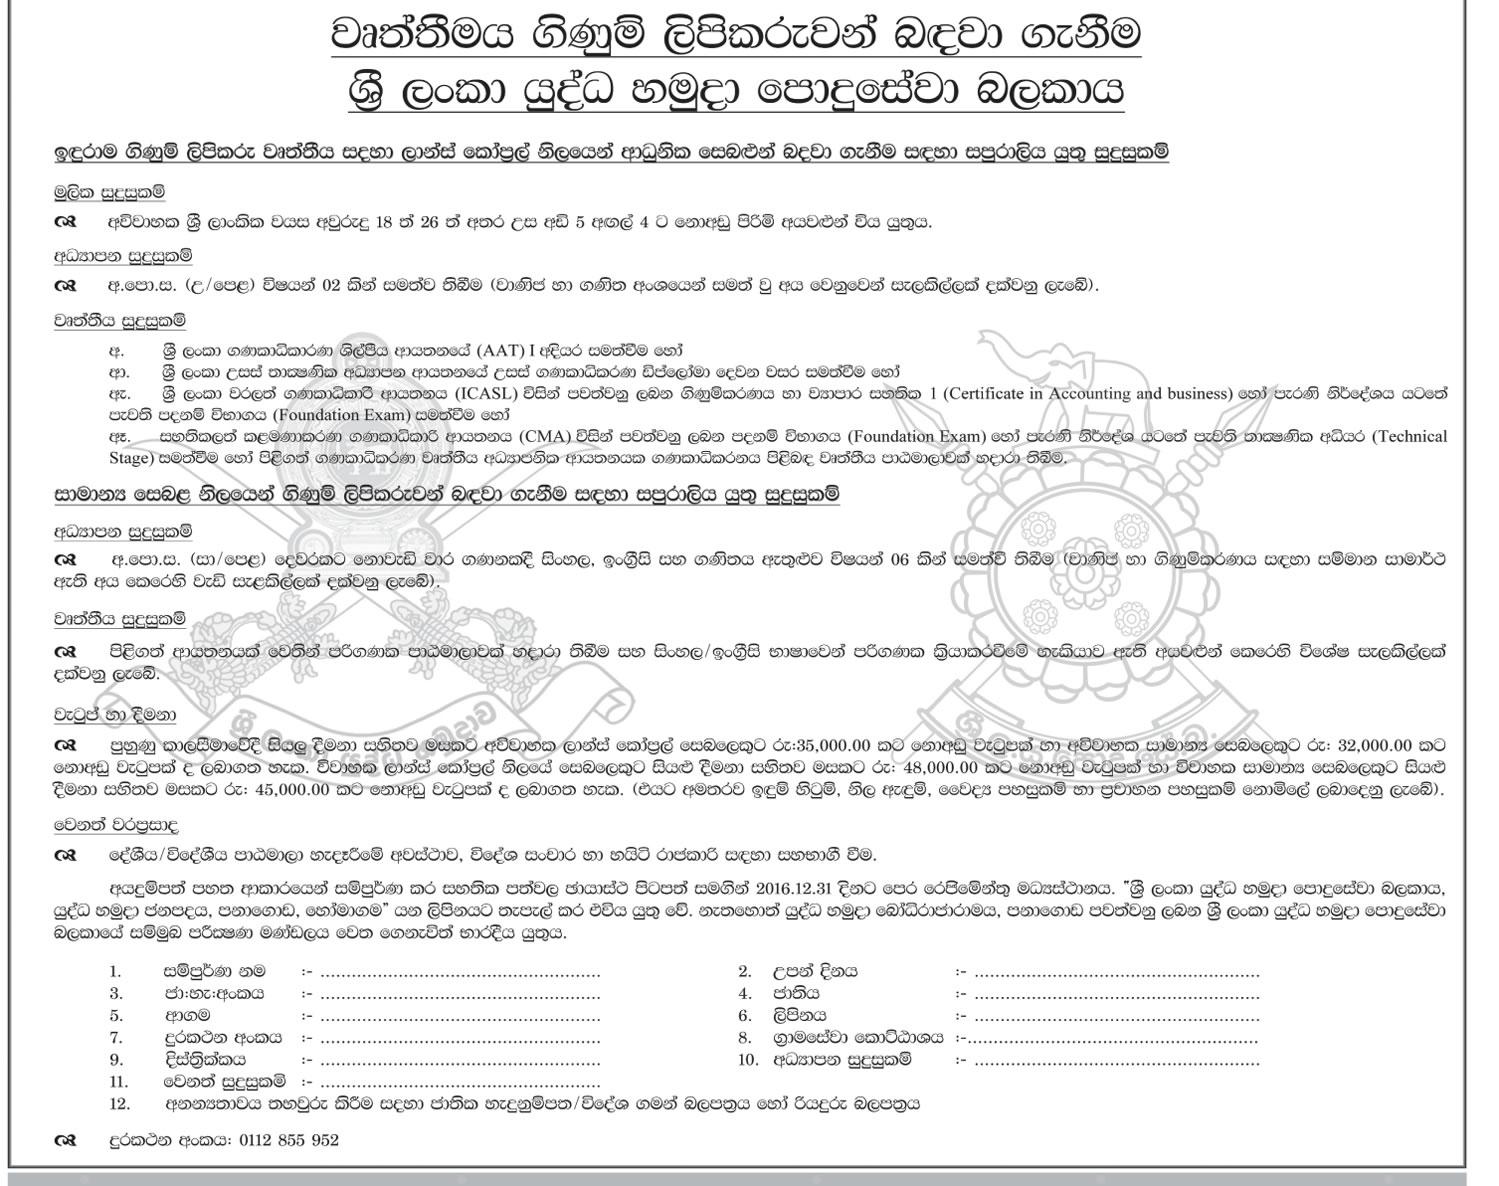 Sri Lankan Government Job Vacancies at Sri Lanka Army for Accounts Clerks